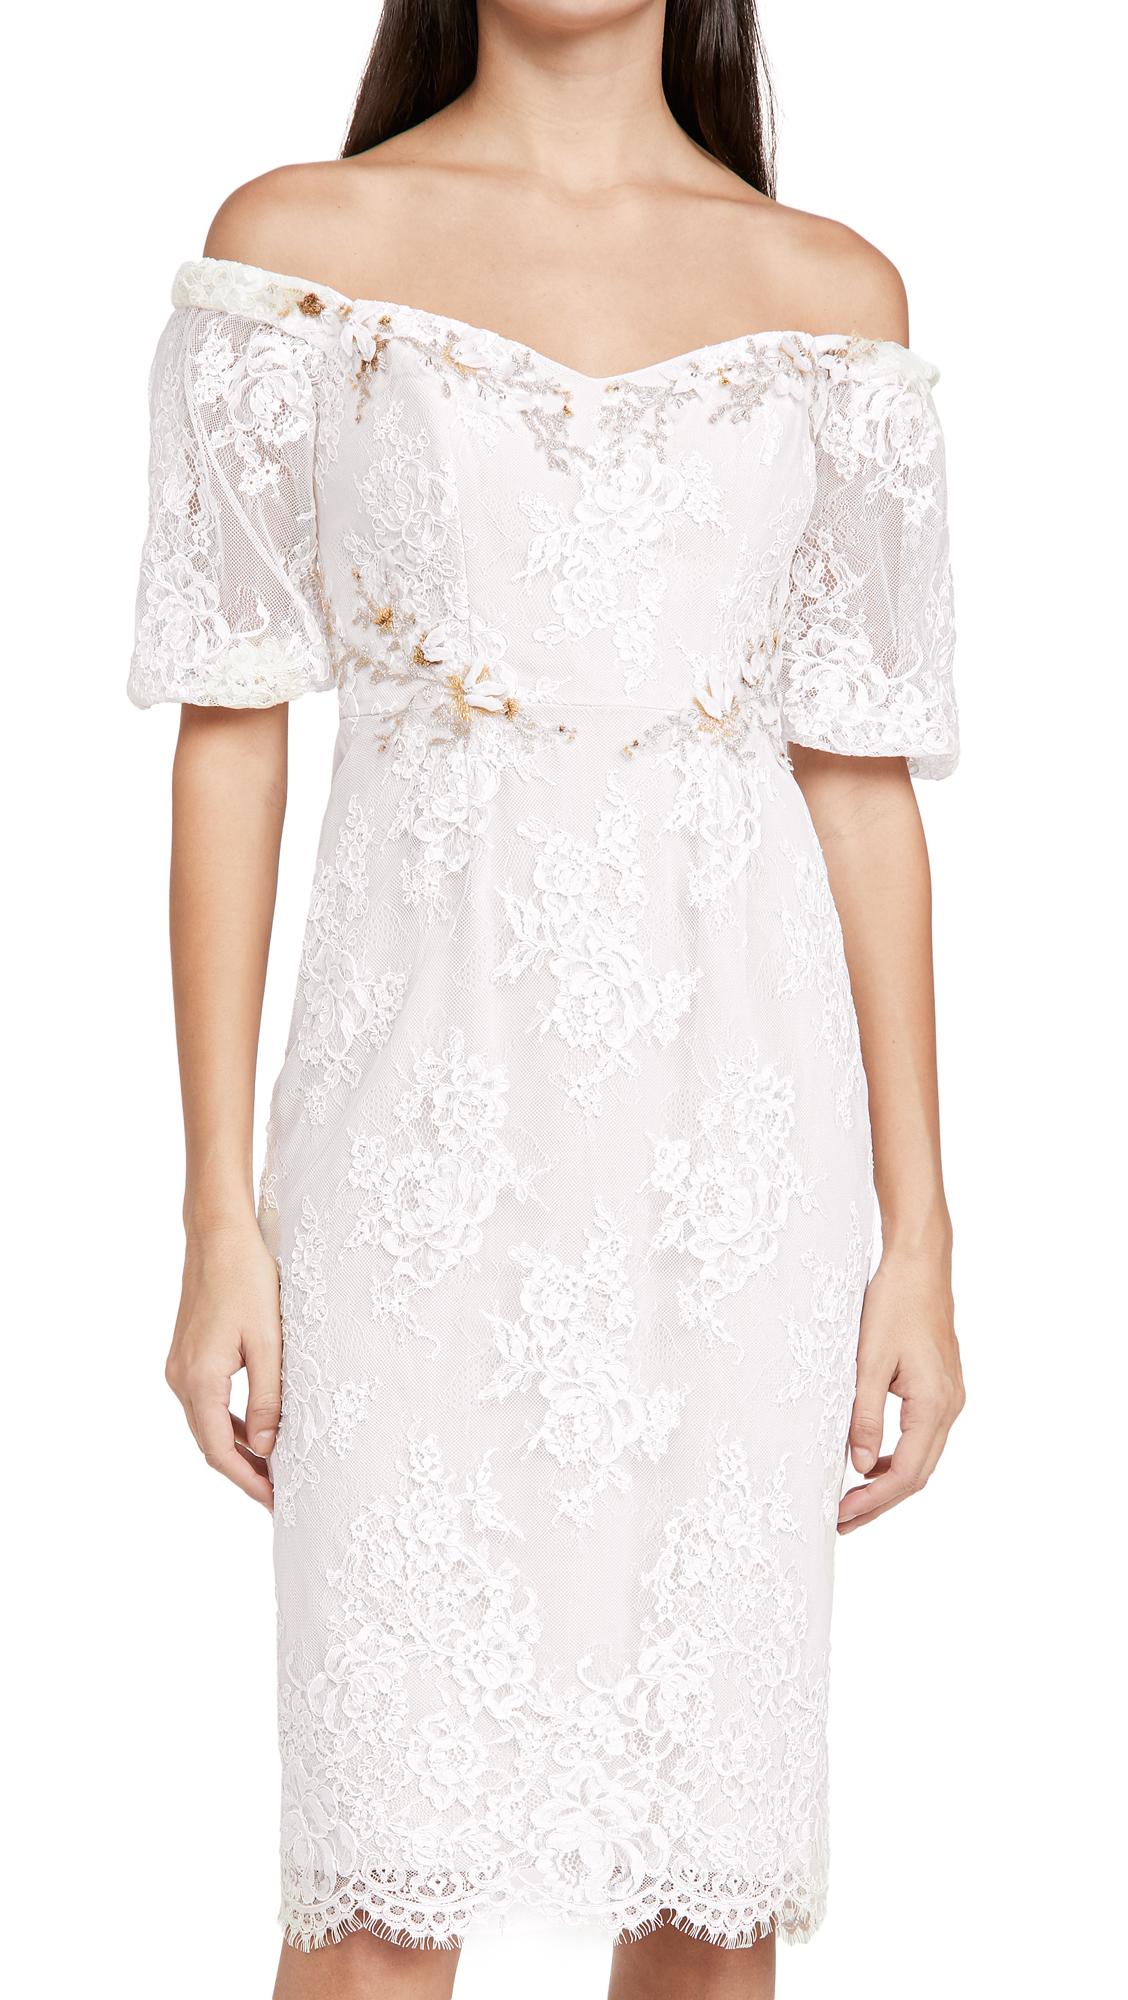 Marchesa Notte Short Bubble Sleeve Sheath Cocktail Dress